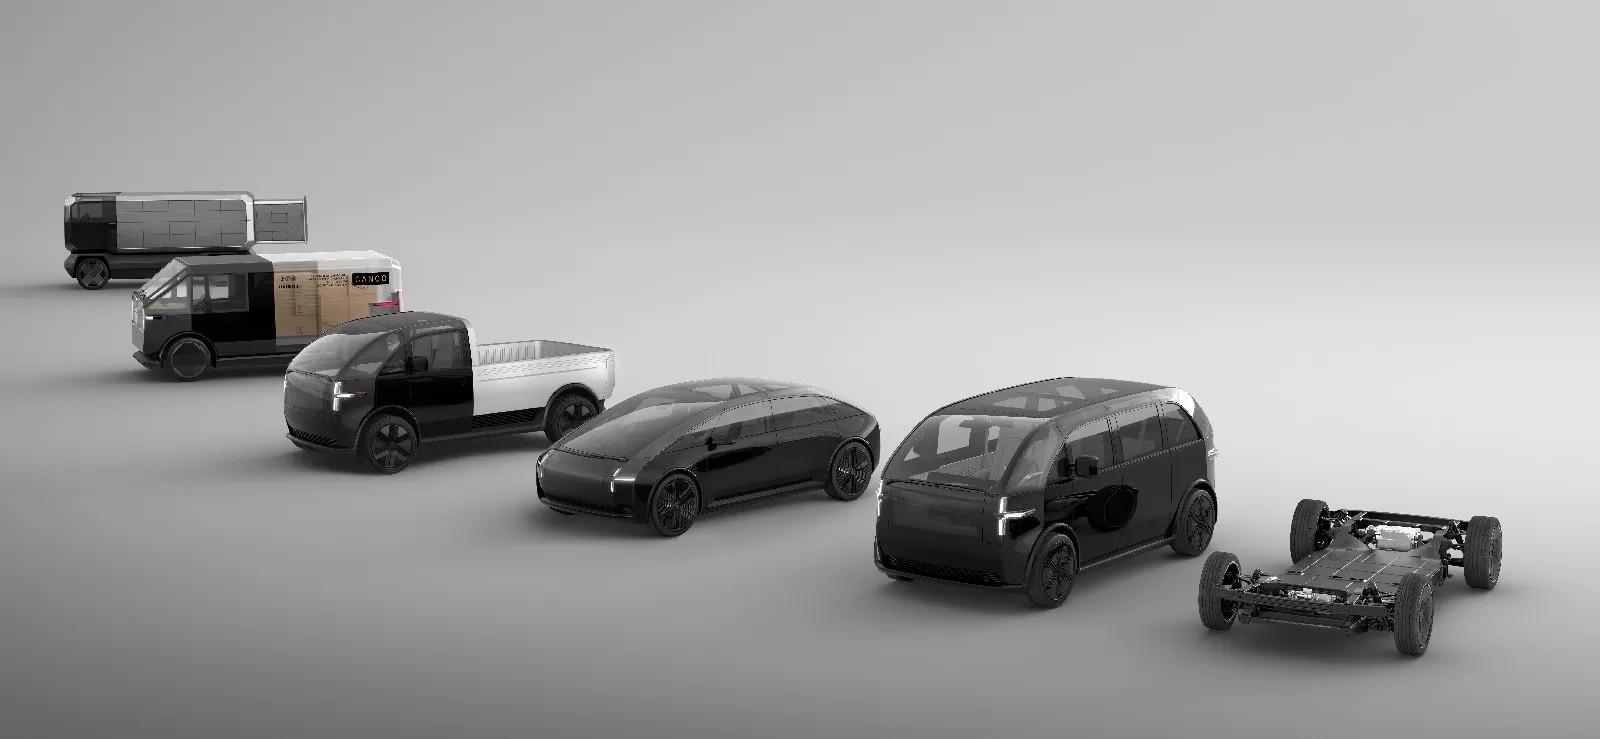 Canoo MPDV: фургон в стиле Lego от создателей гибридных BMW